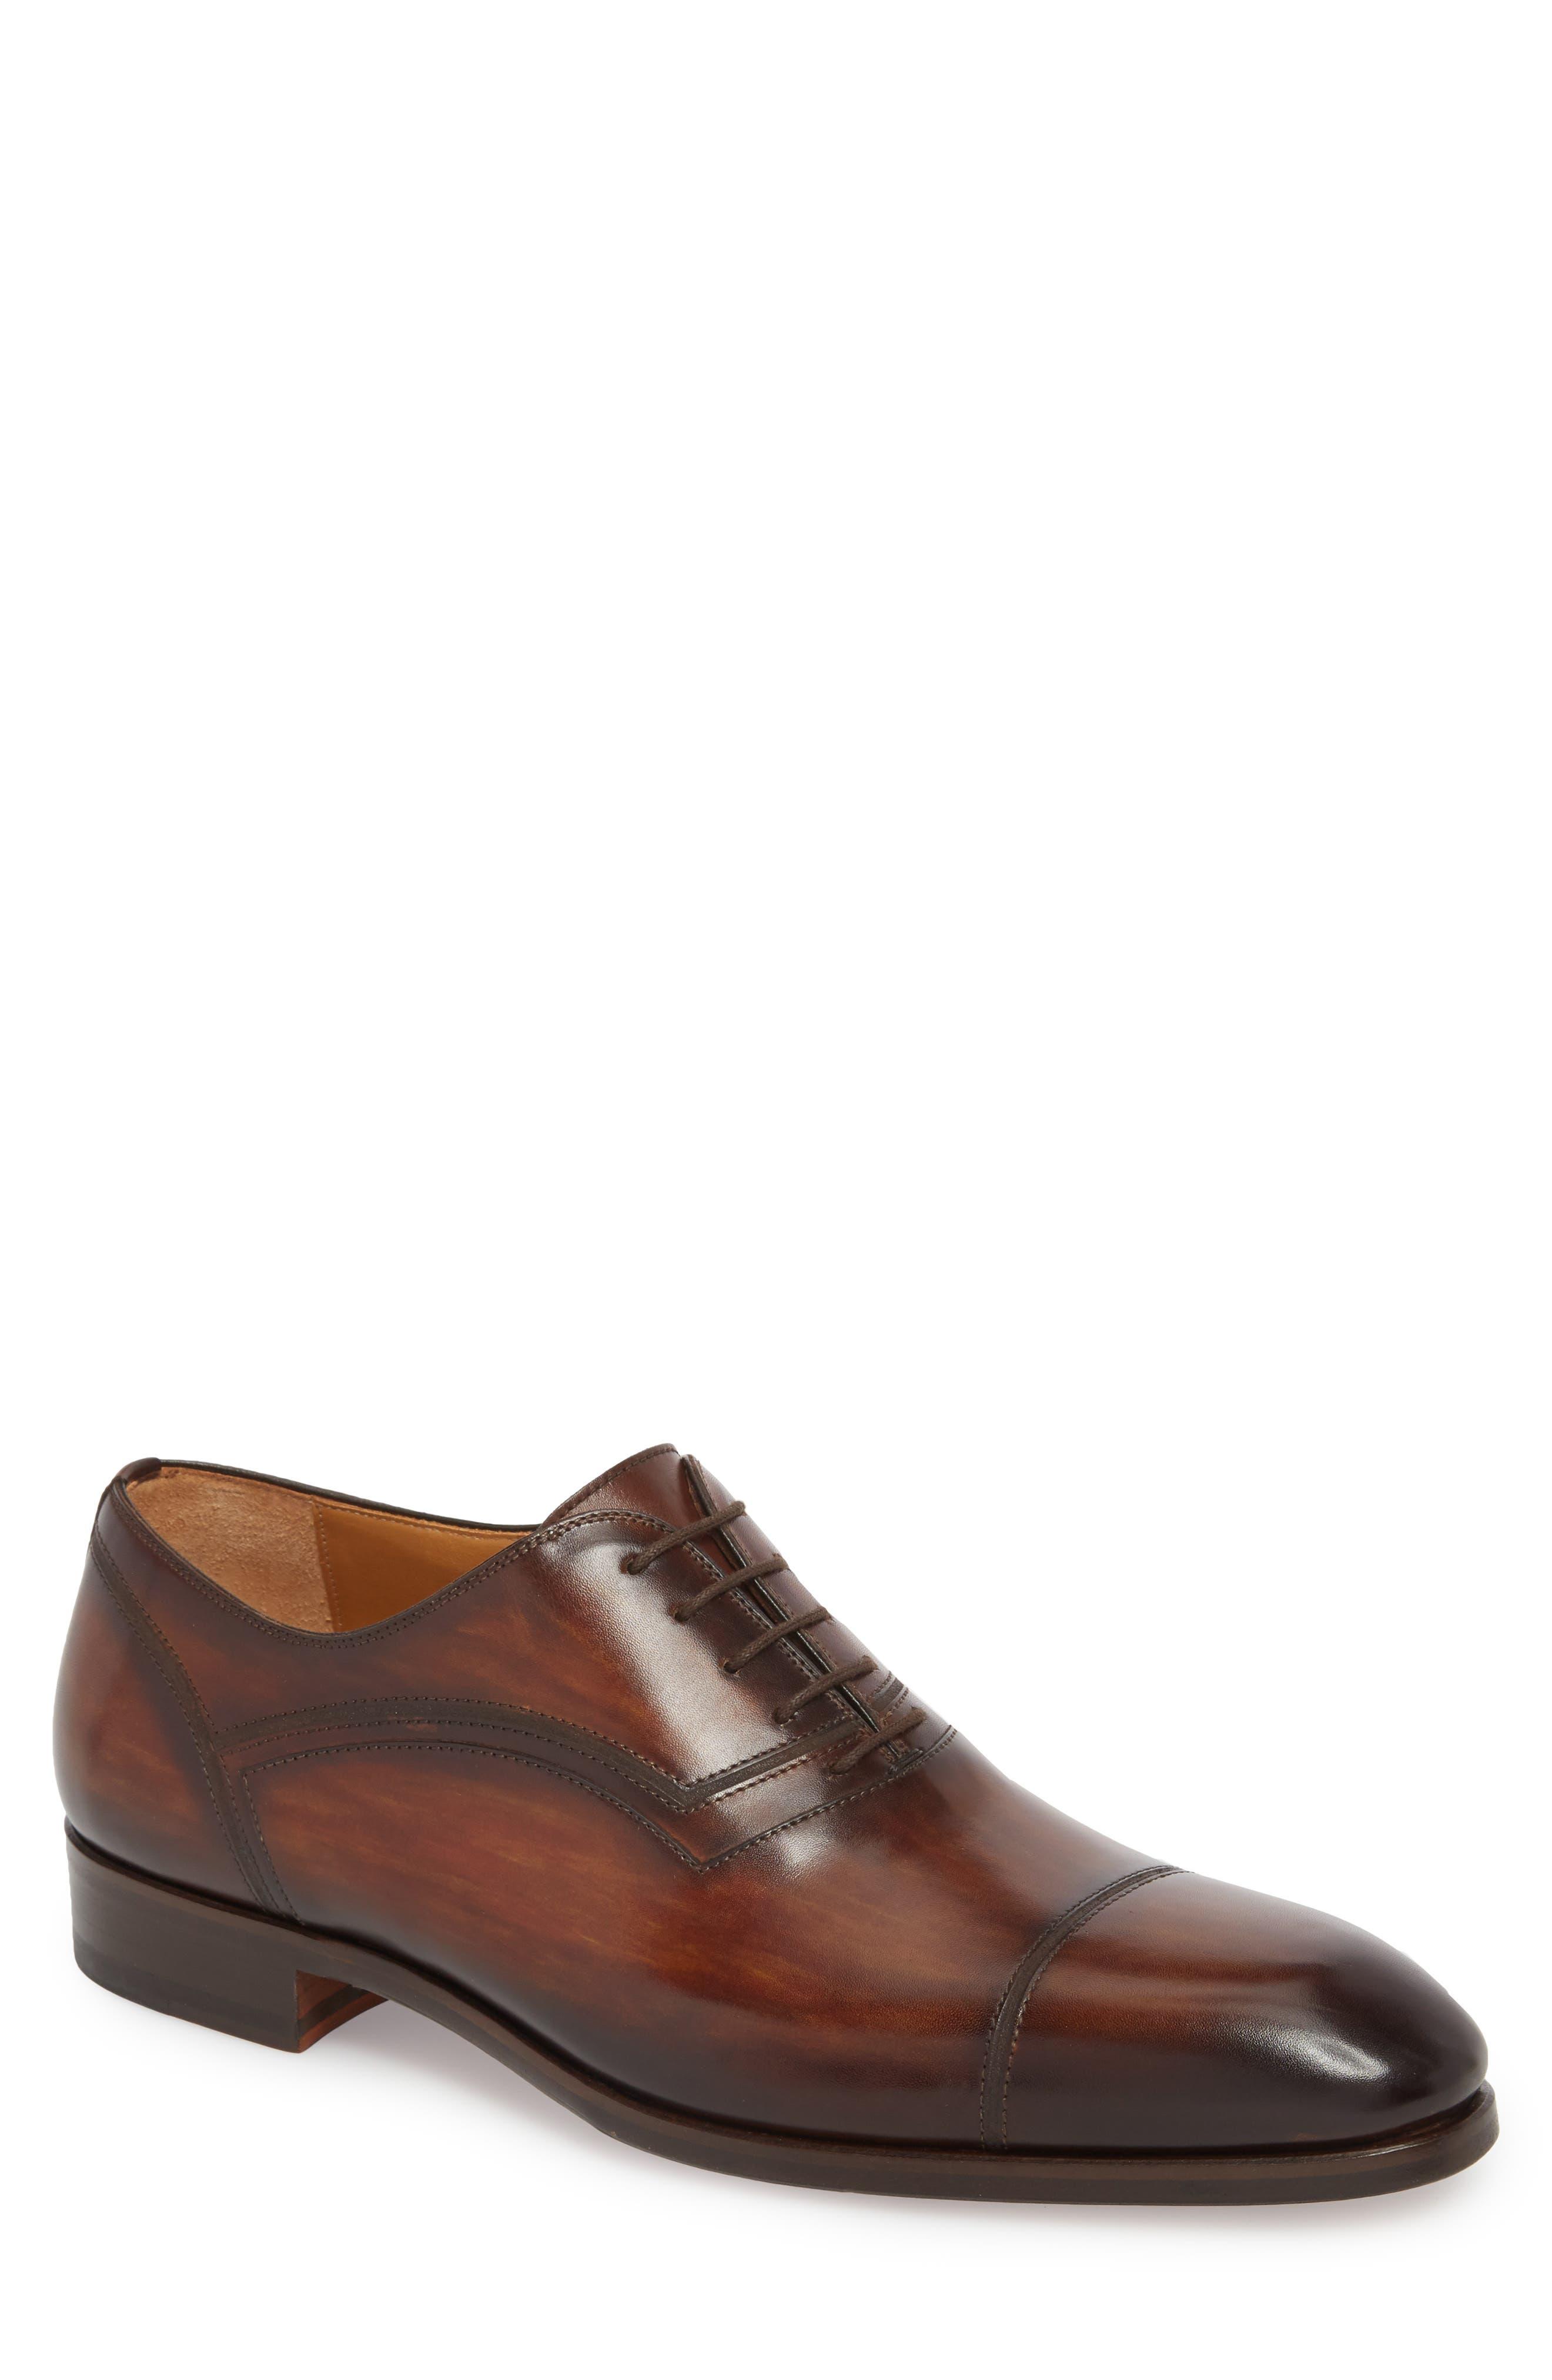 Cadiz Whole Cut Shoe,                         Main,                         color, TOBACCO LEATHER